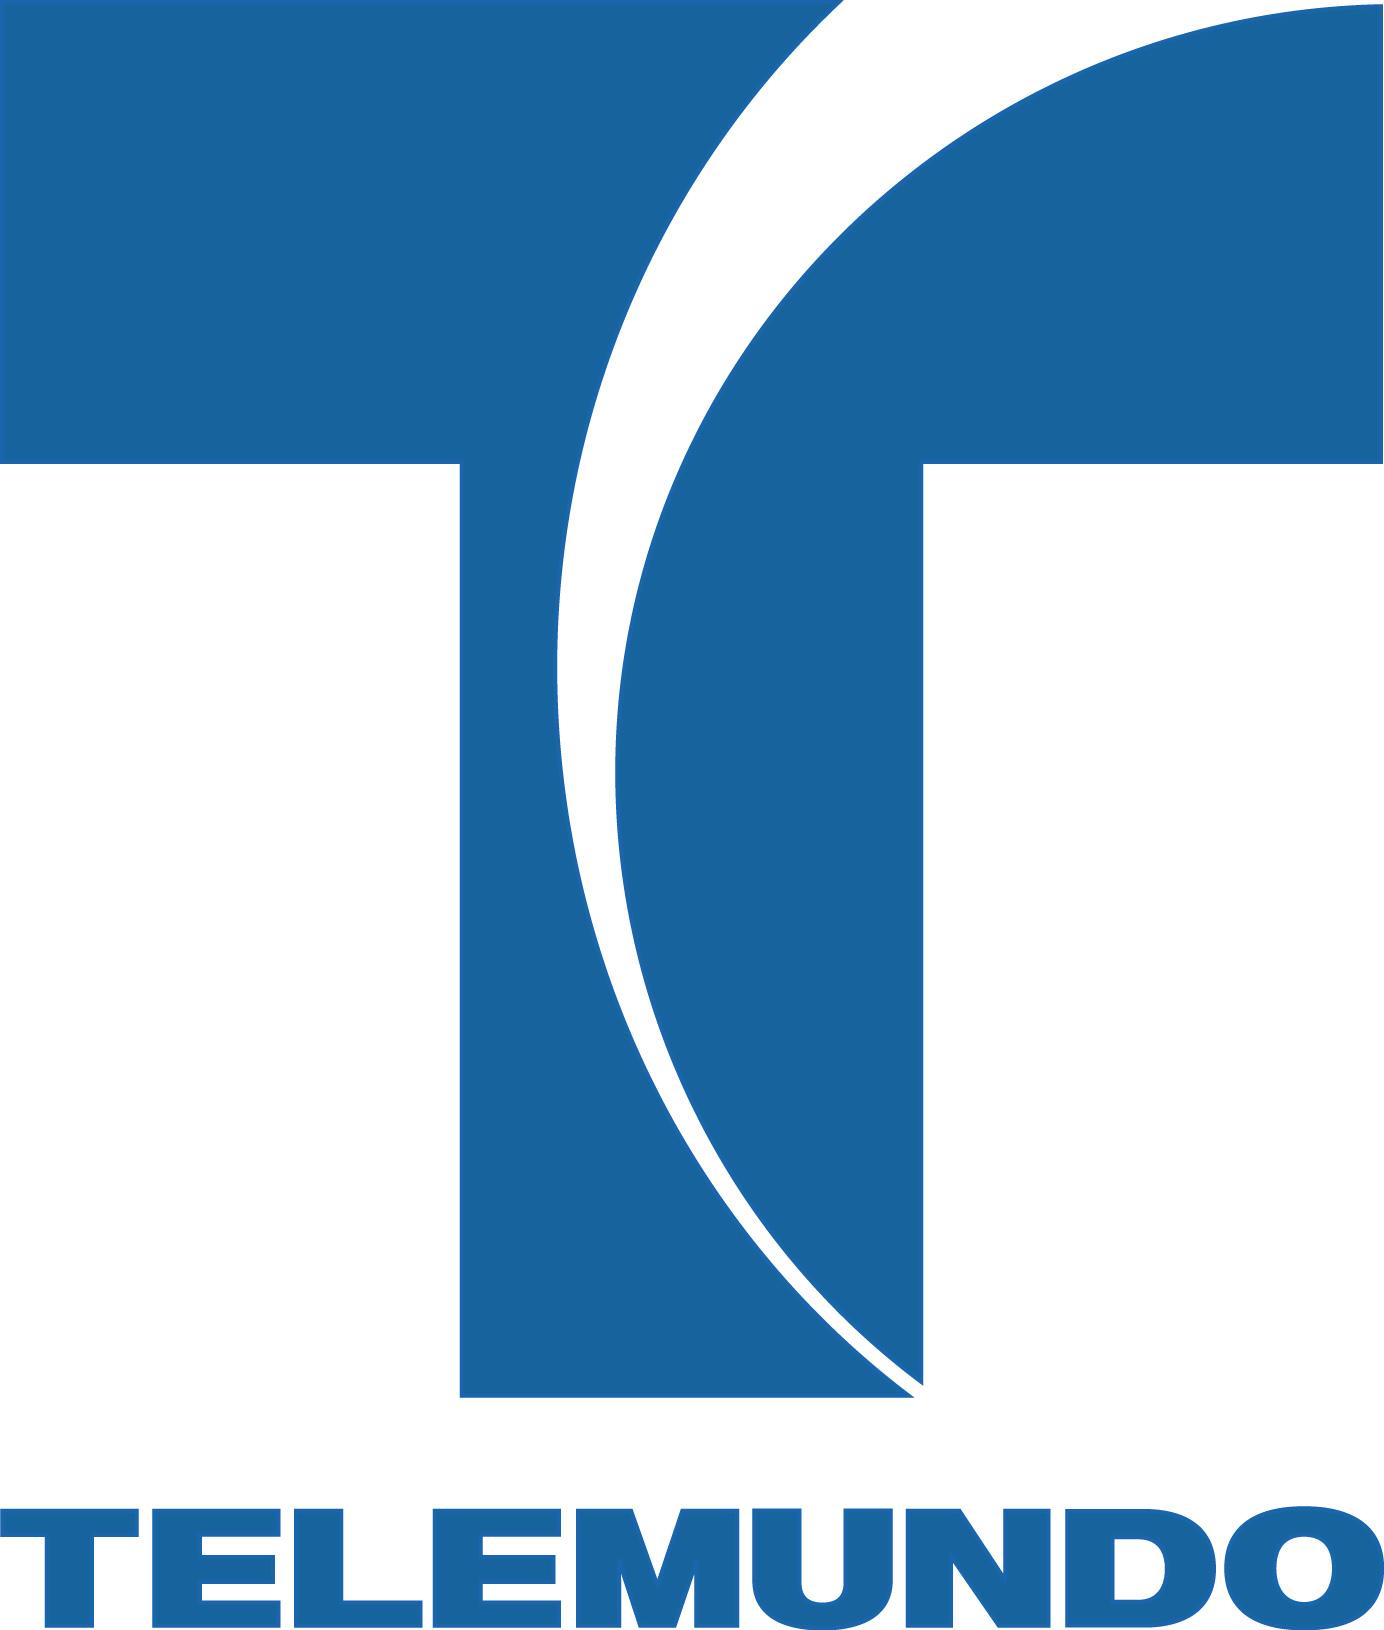 Telemundo Extends NFL Deal Through 2013